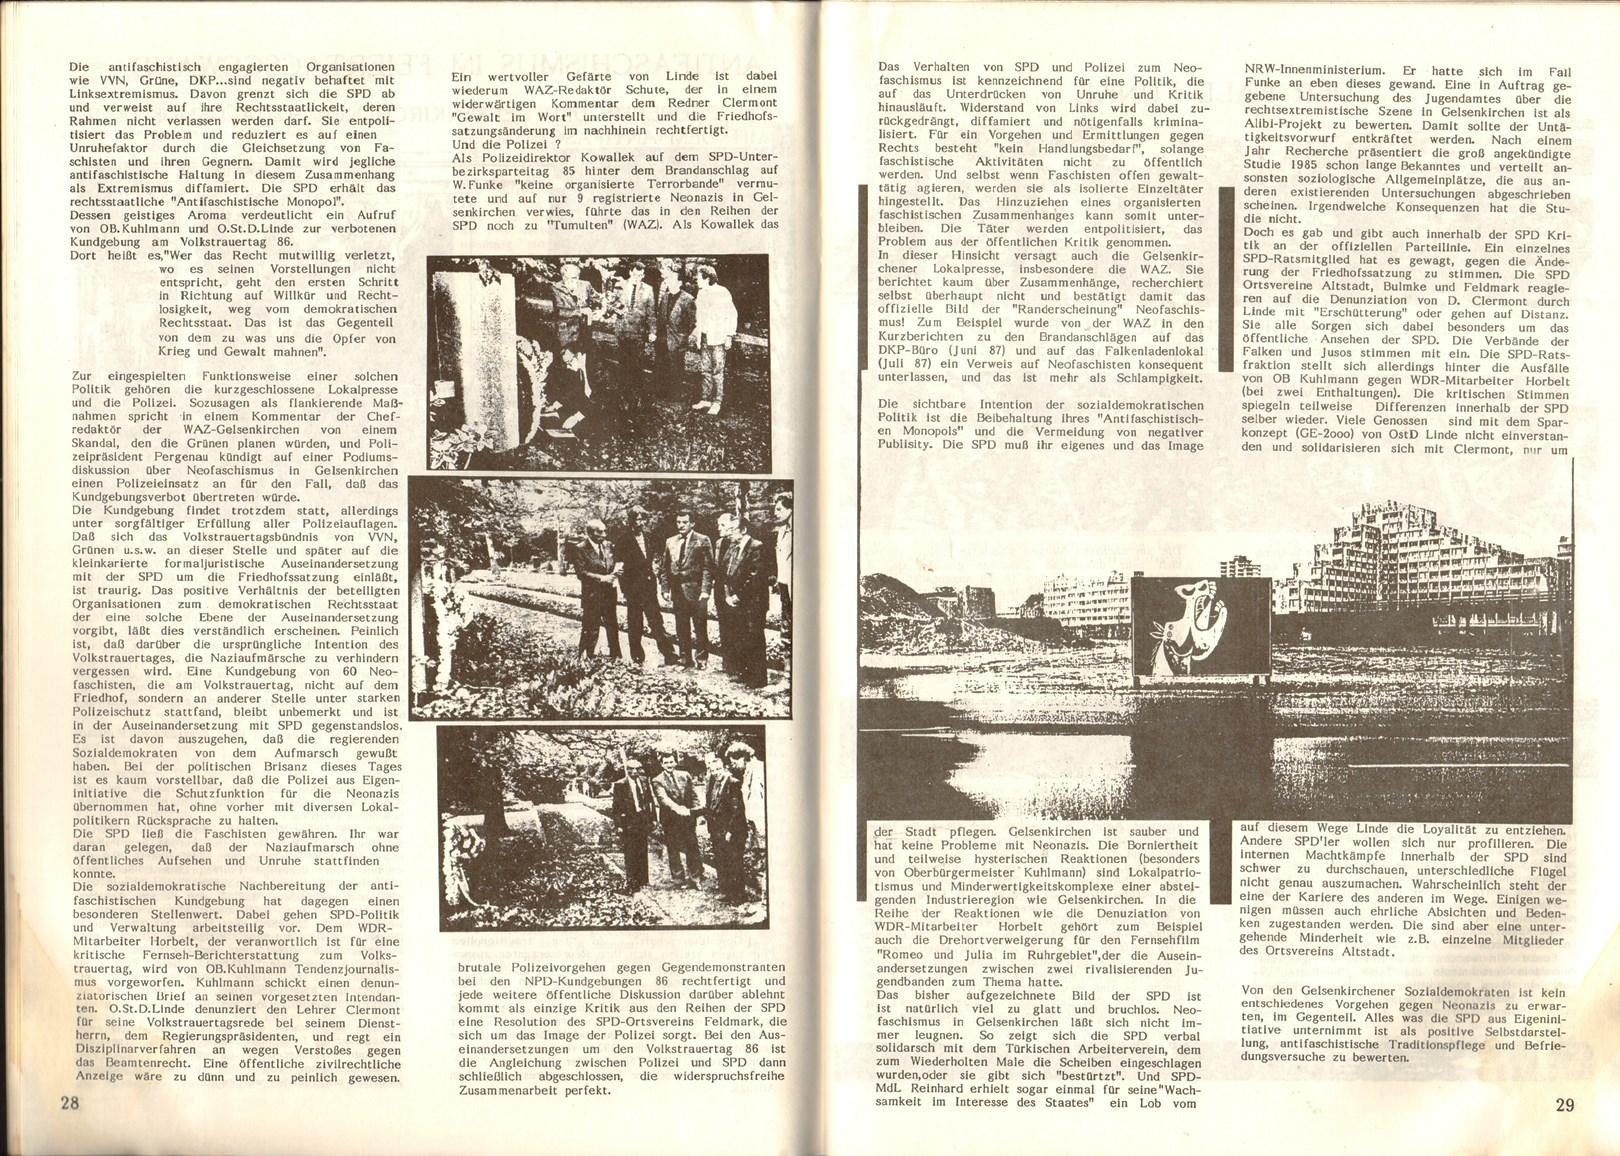 Gelsenkirchen_Zukunft_Vergangenheit_1988_15